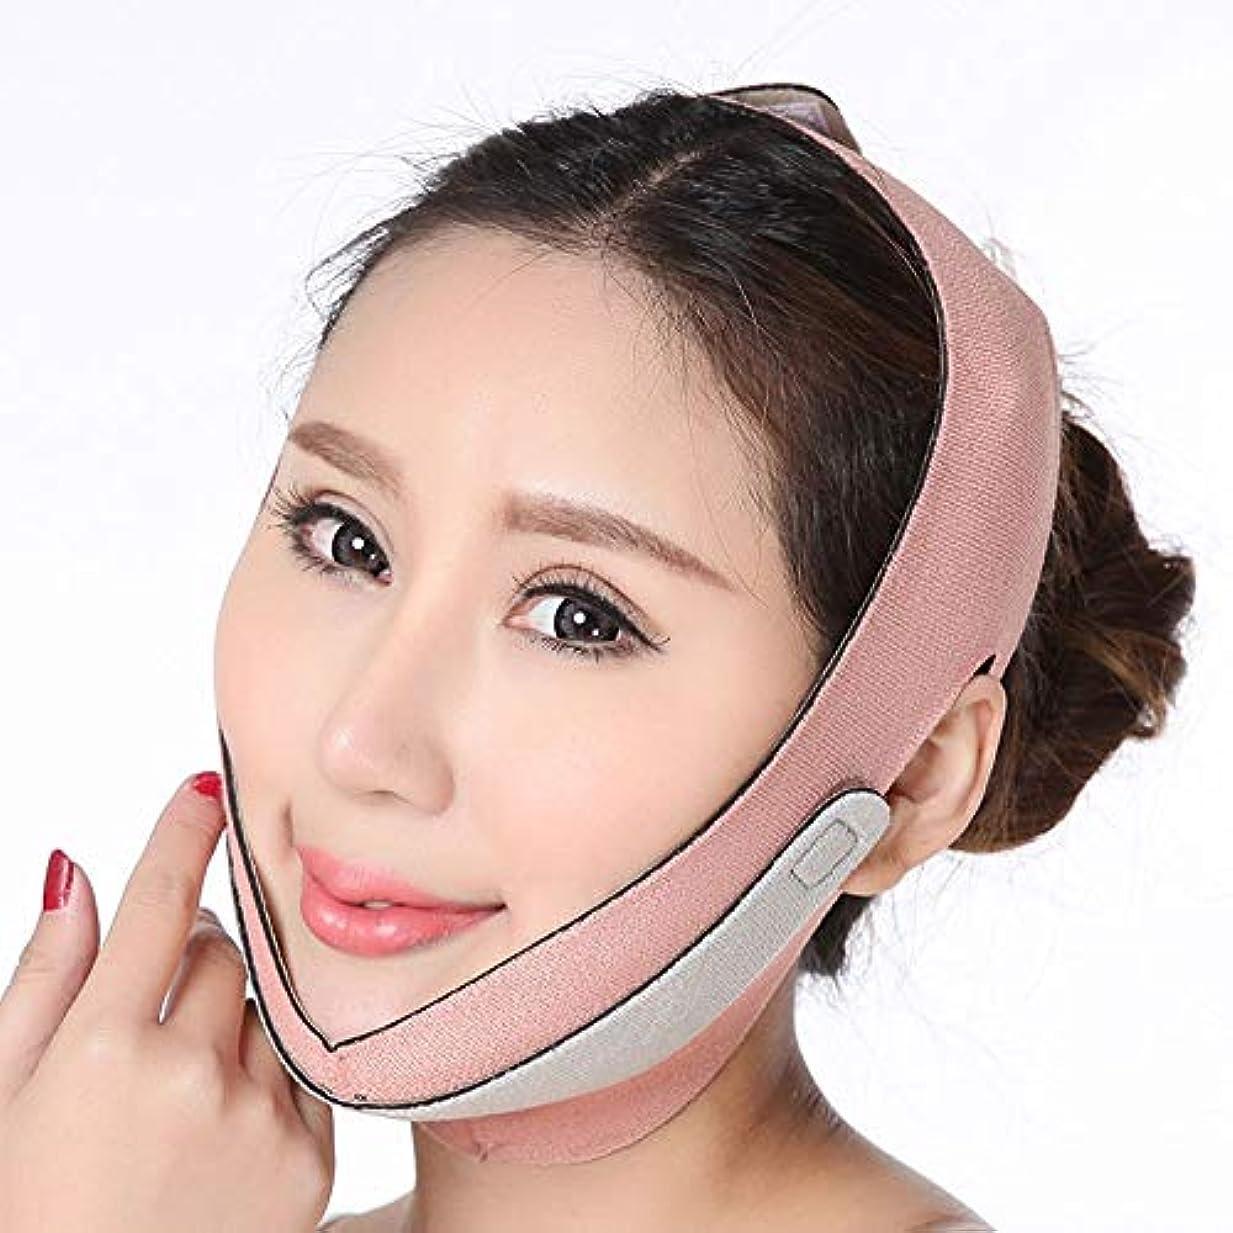 塩セッティング以内にMinmin シンフェイス包帯シンフェイスマスクフェイスリフトアーティファクトレイズVフェイスシンフェイスフェイスリフティング美容マスク小フェイス包帯 みんみんVラインフェイスマスク (Color : A)